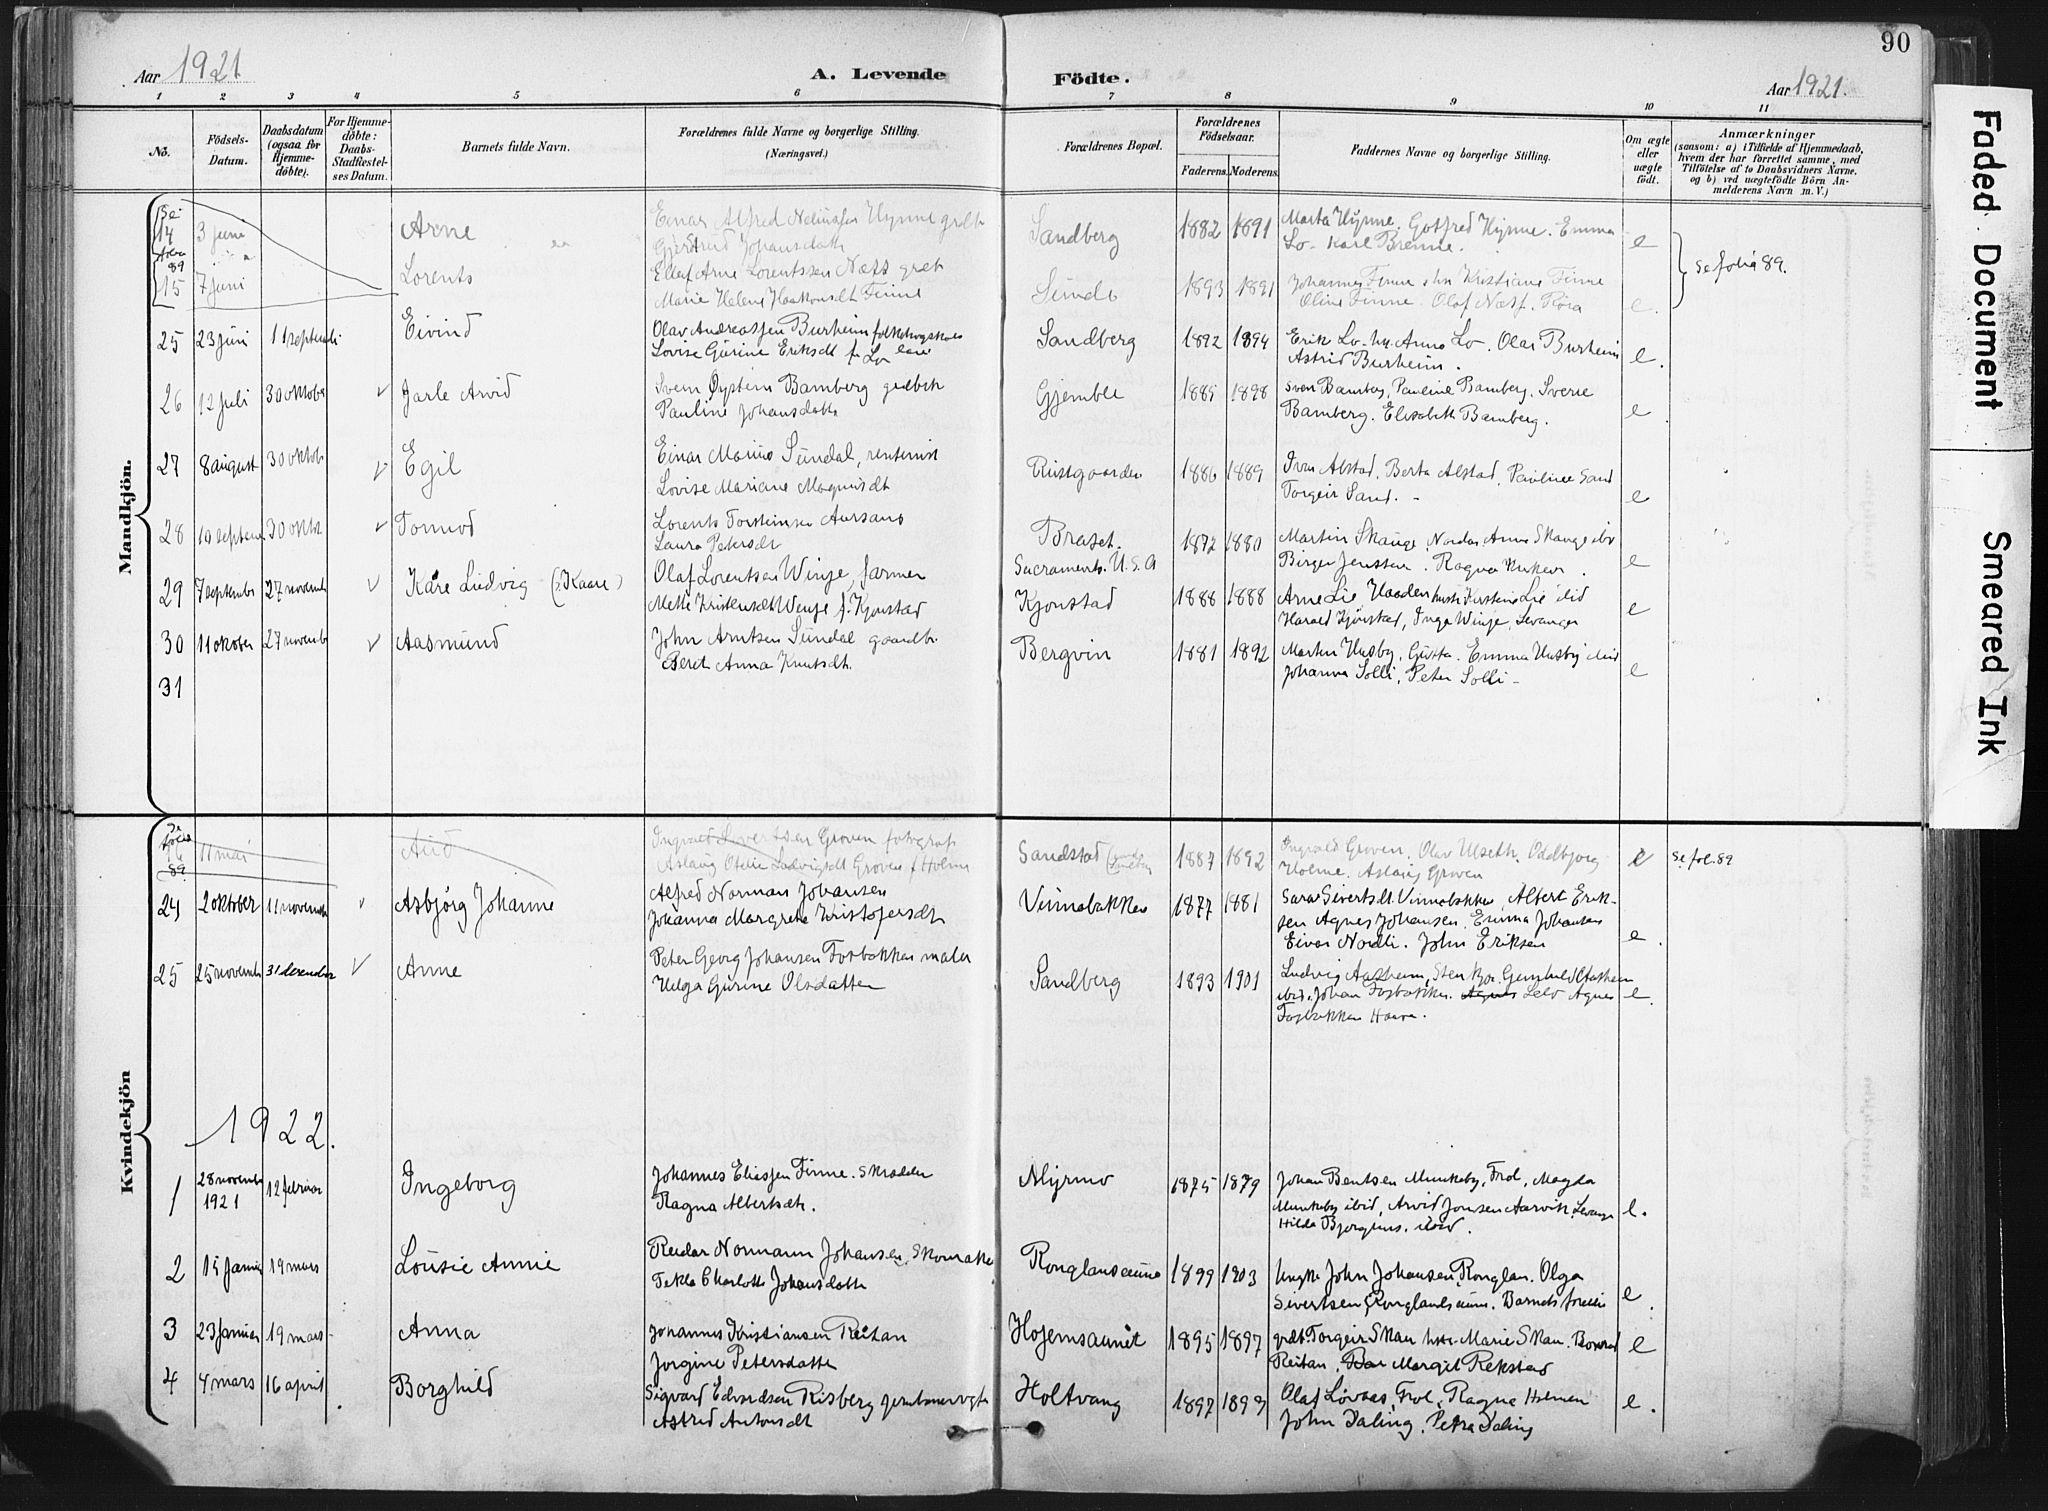 SAT, Ministerialprotokoller, klokkerbøker og fødselsregistre - Nord-Trøndelag, 717/L0162: Ministerialbok nr. 717A12, 1898-1923, s. 90